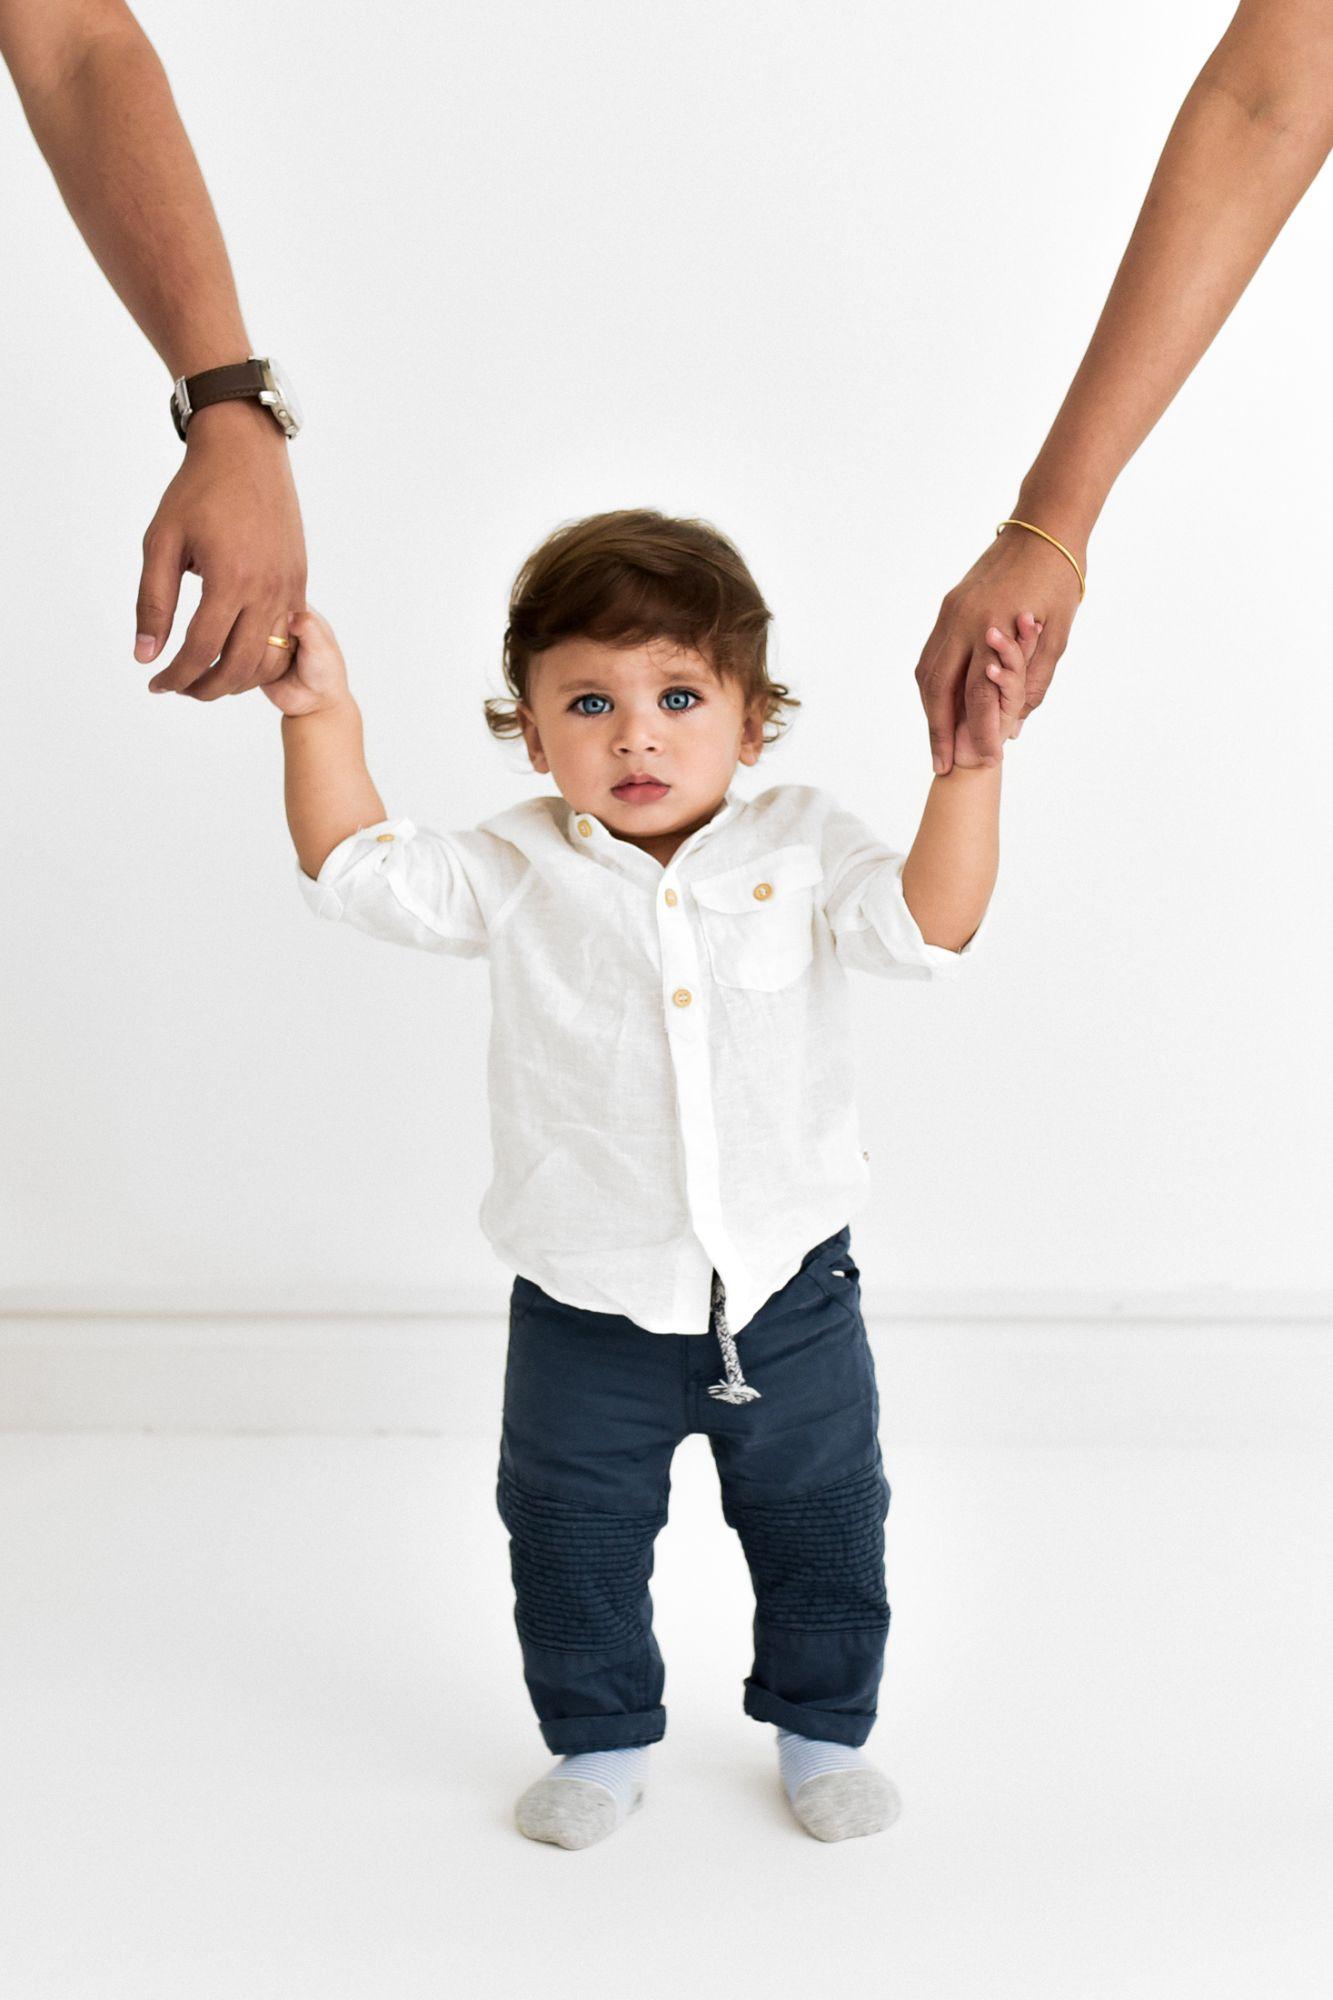 Baby photoshoot Berkshire-5.jpg